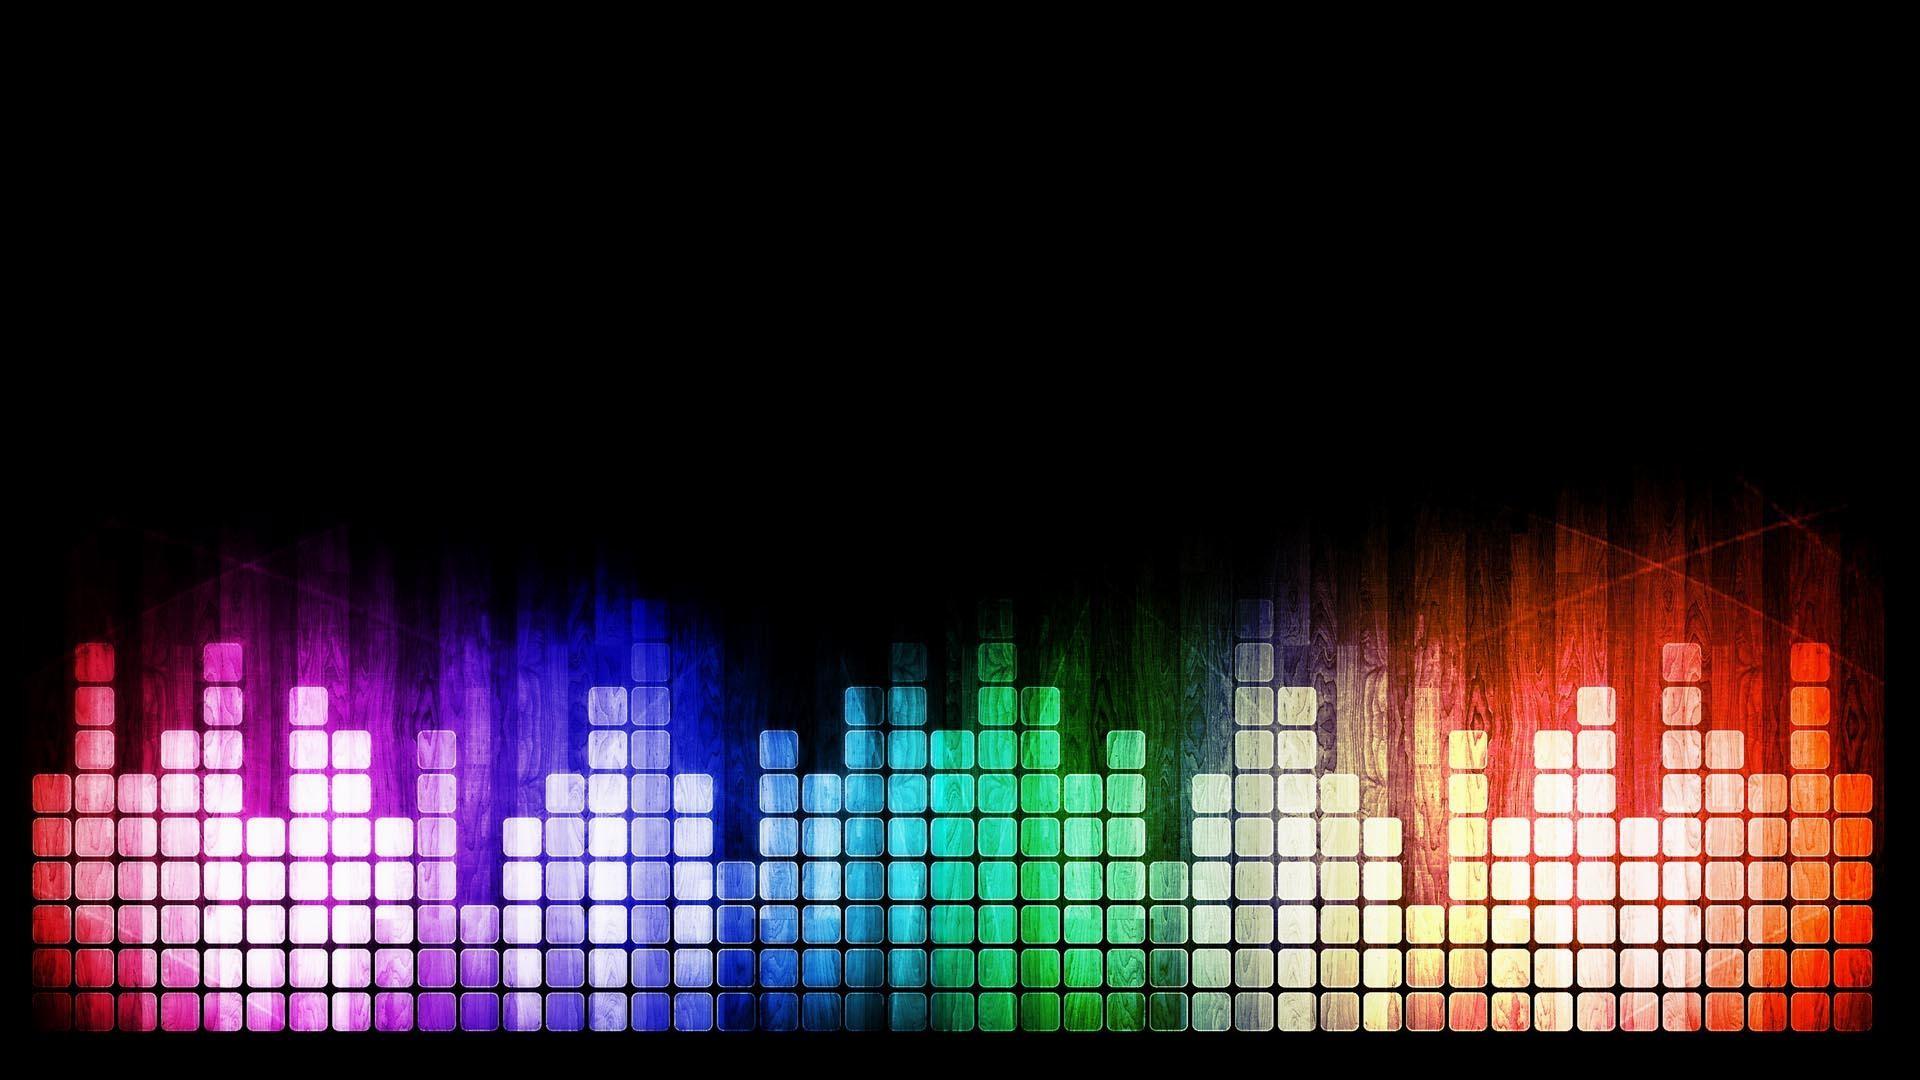 3D-music-hd-widescreen-desktop-wallpaper